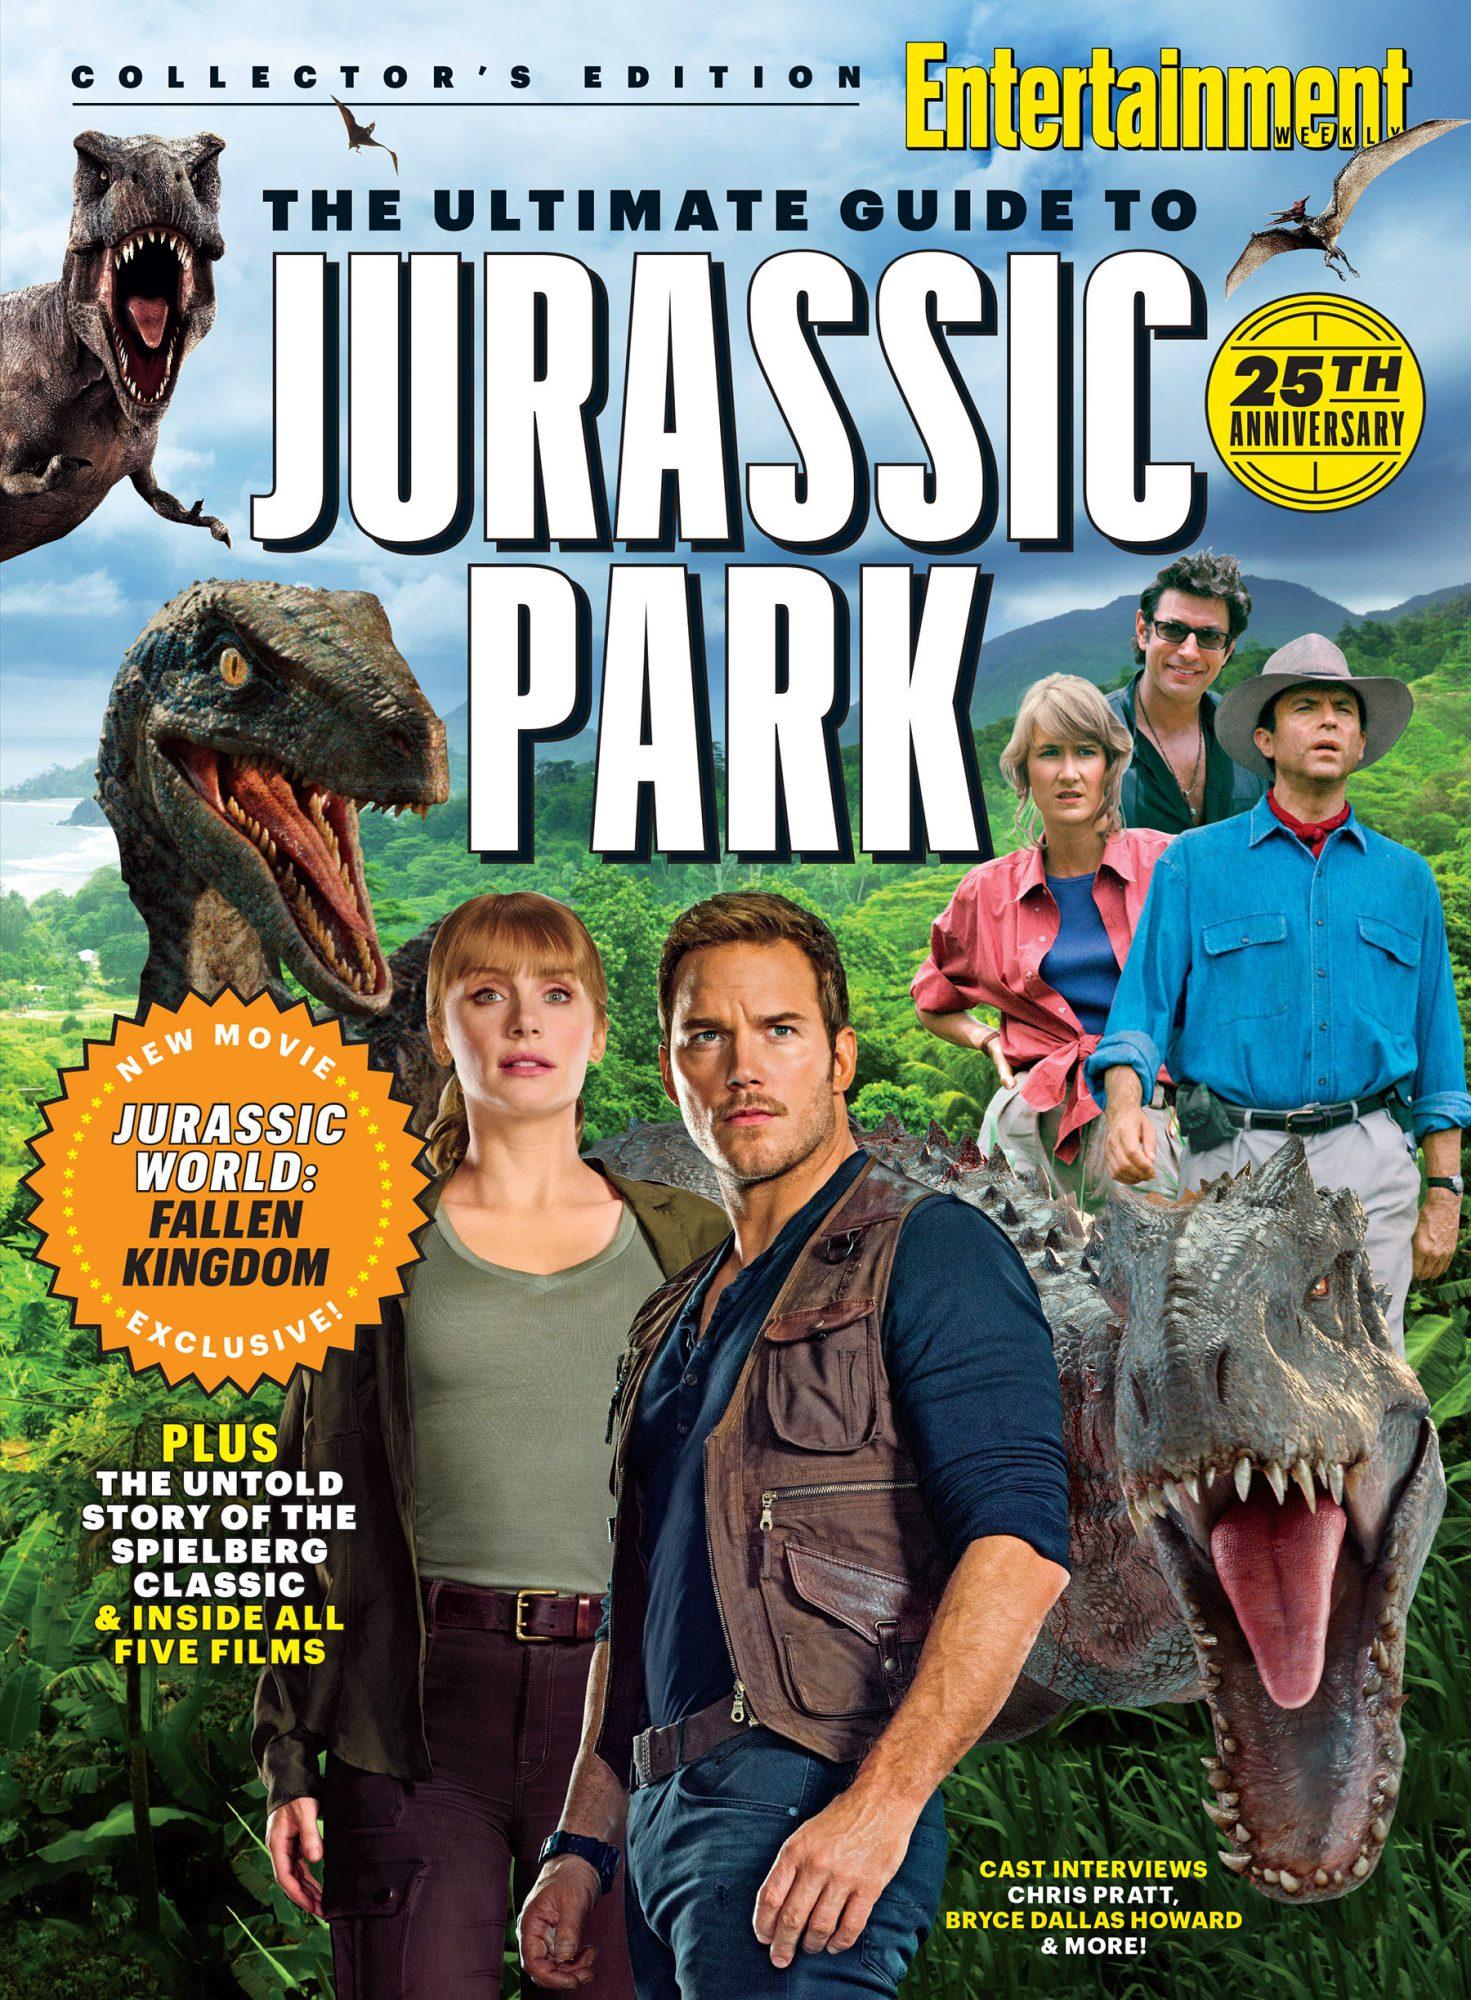 EWJurassicPark-cover-front (1)